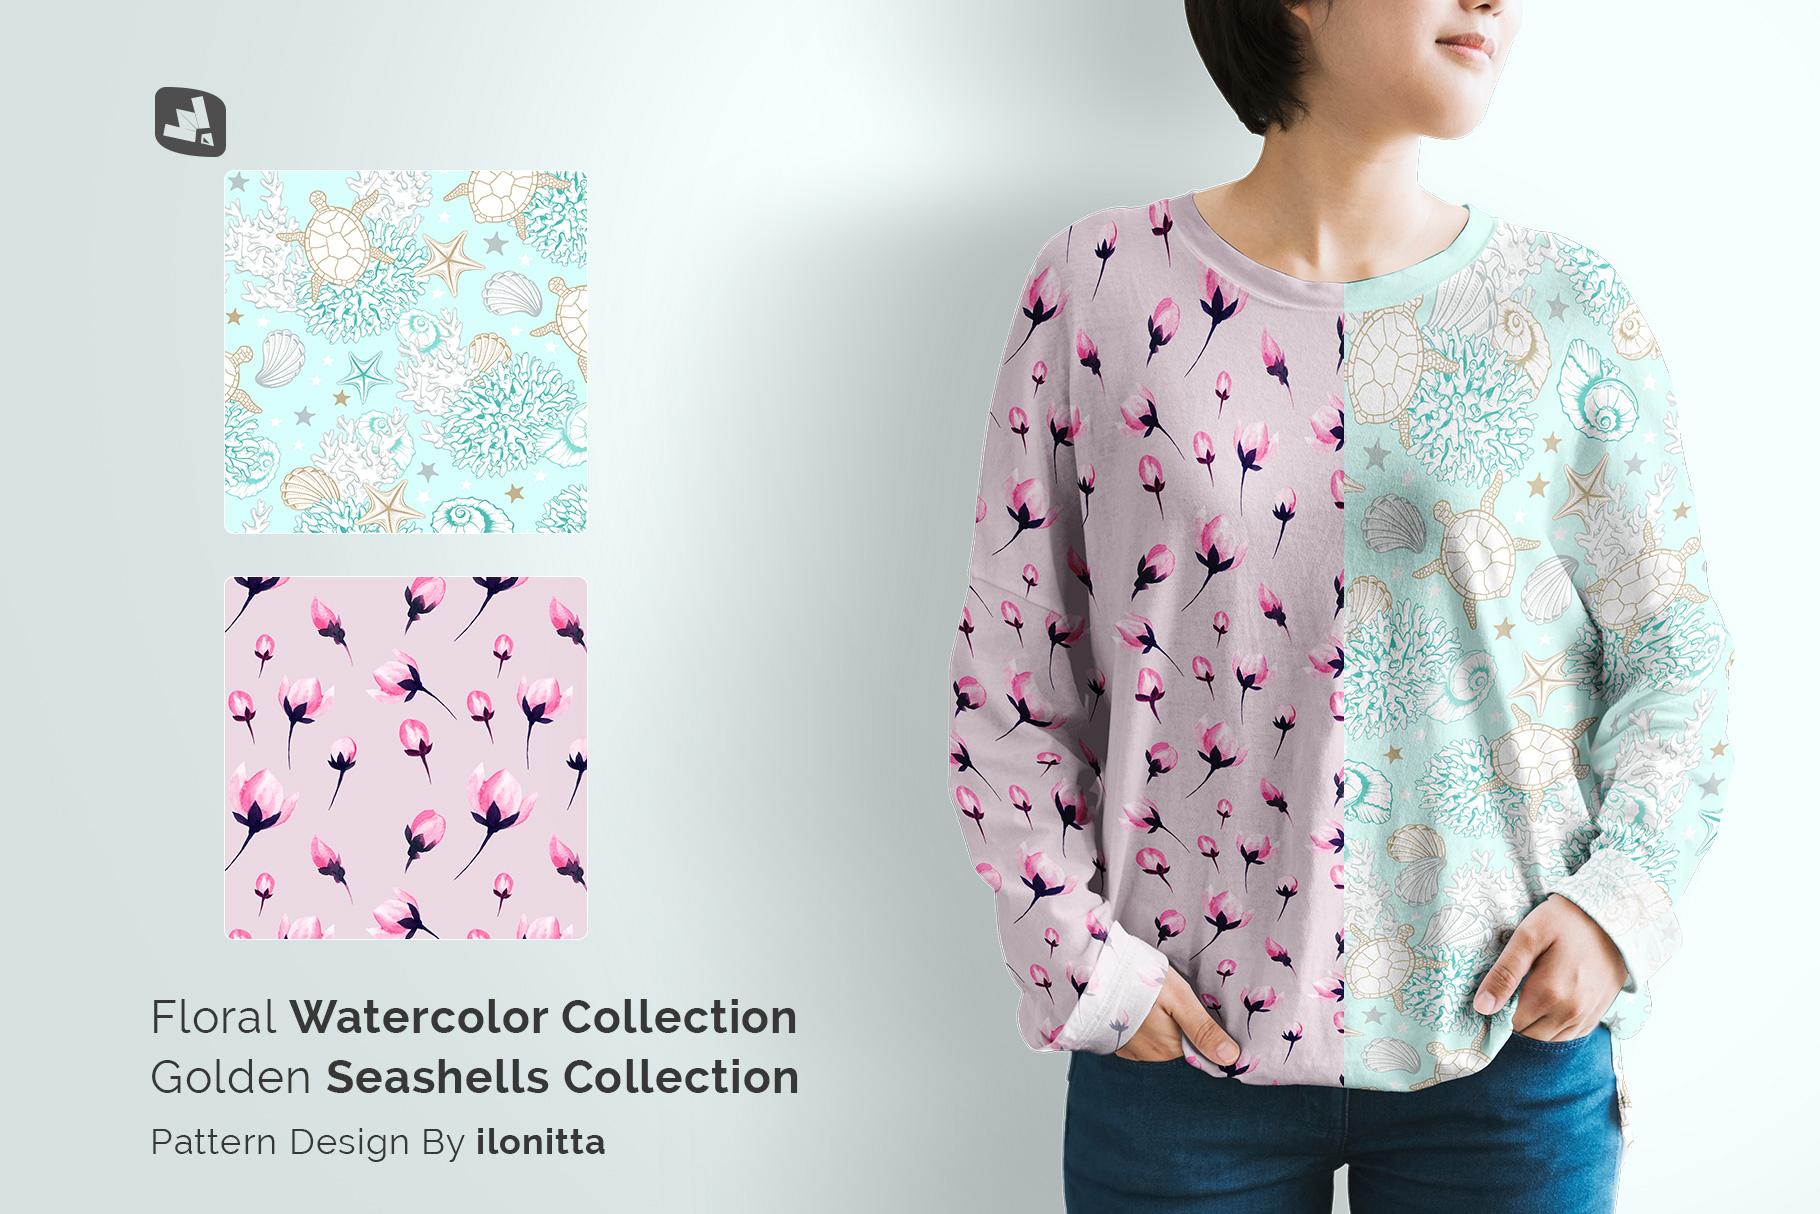 designer's credit of the women's full sleeve tshirt mockup